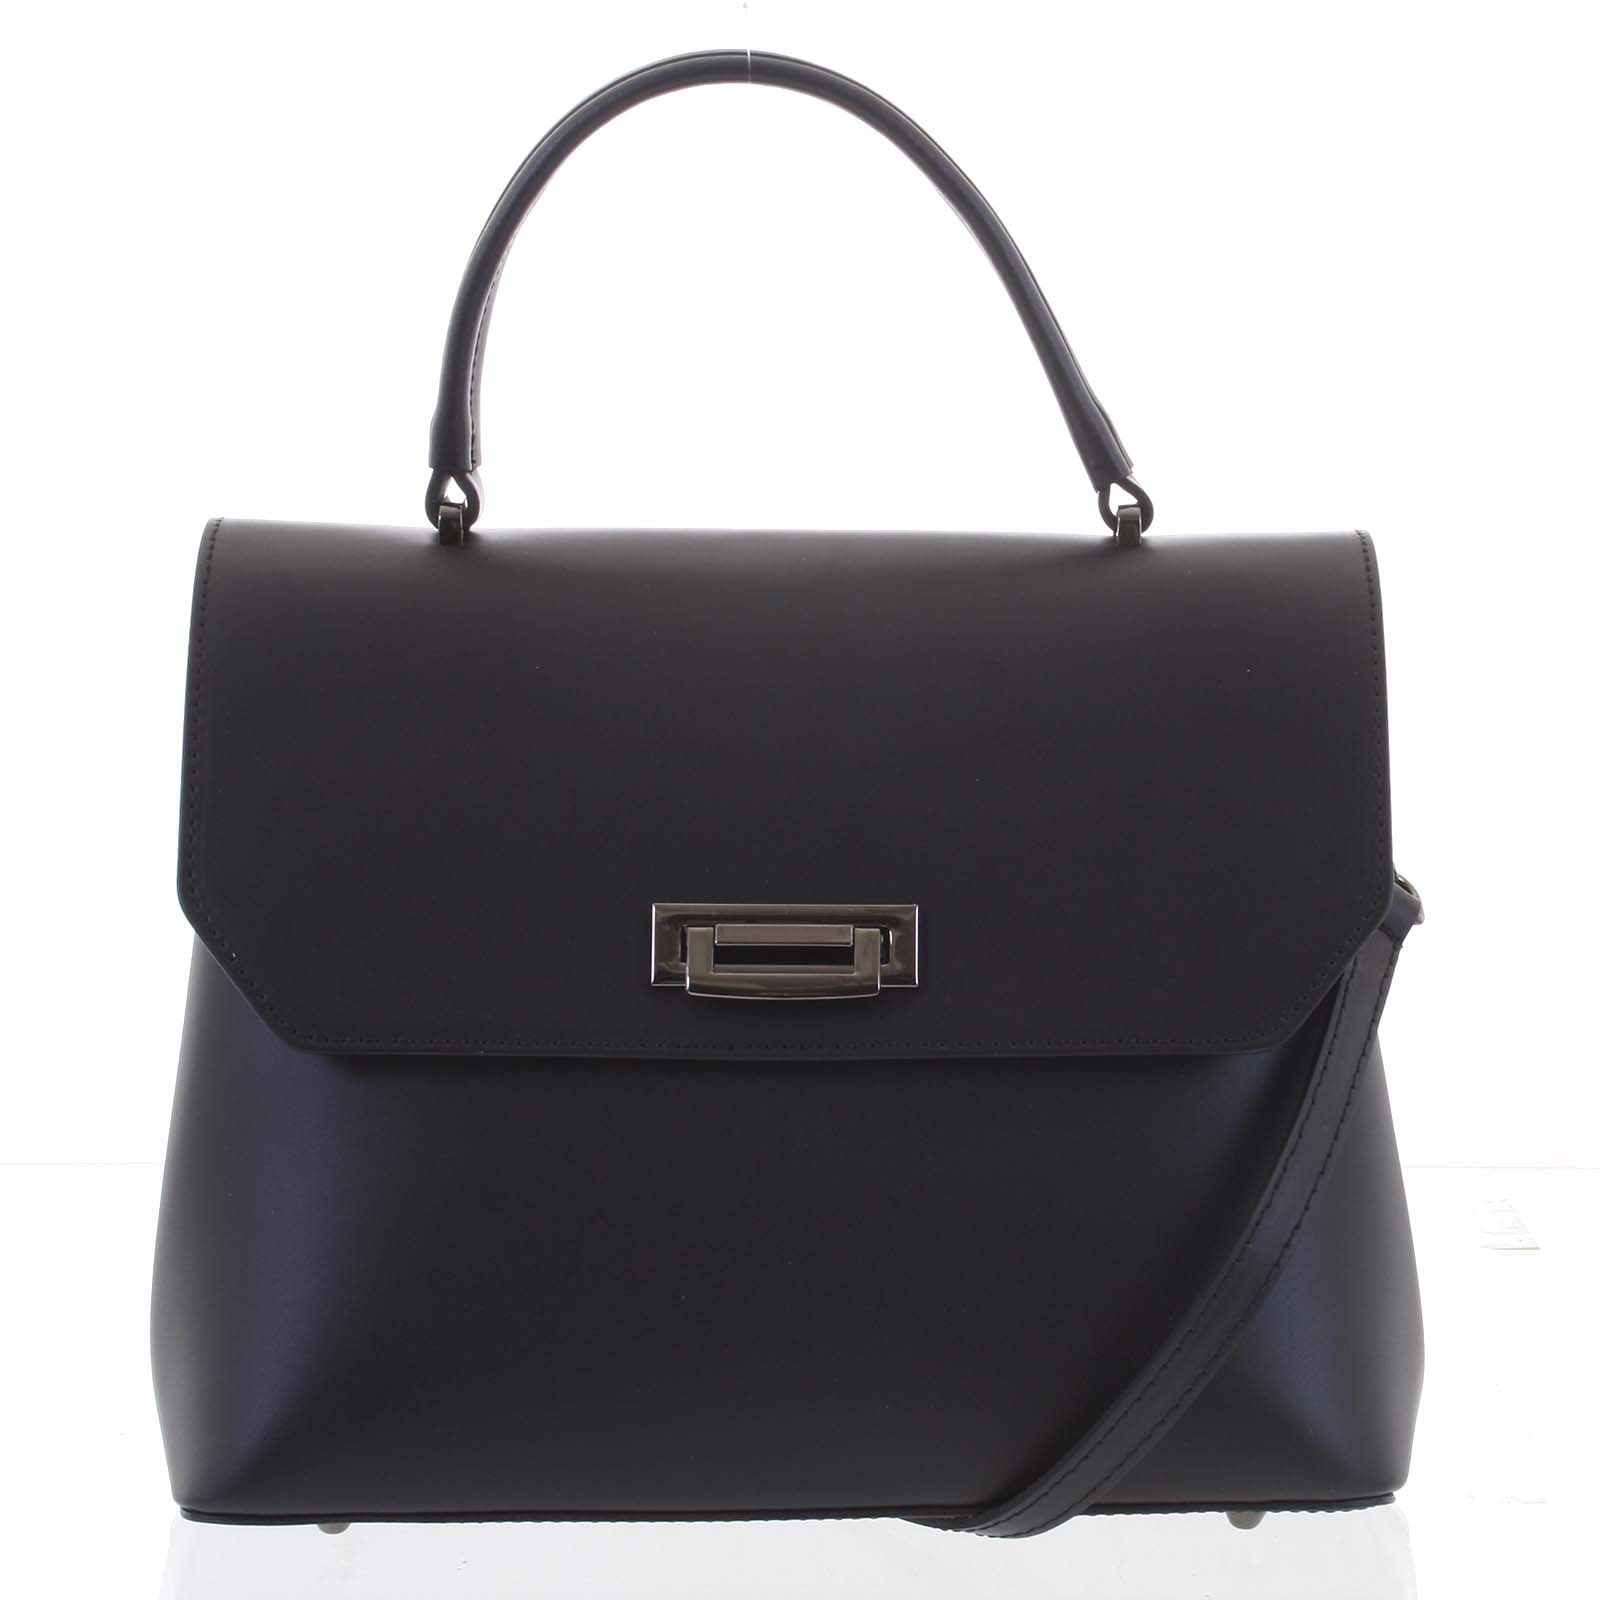 Originální hladká černá dámská kabelka do ruky - ItalY Neolila černá